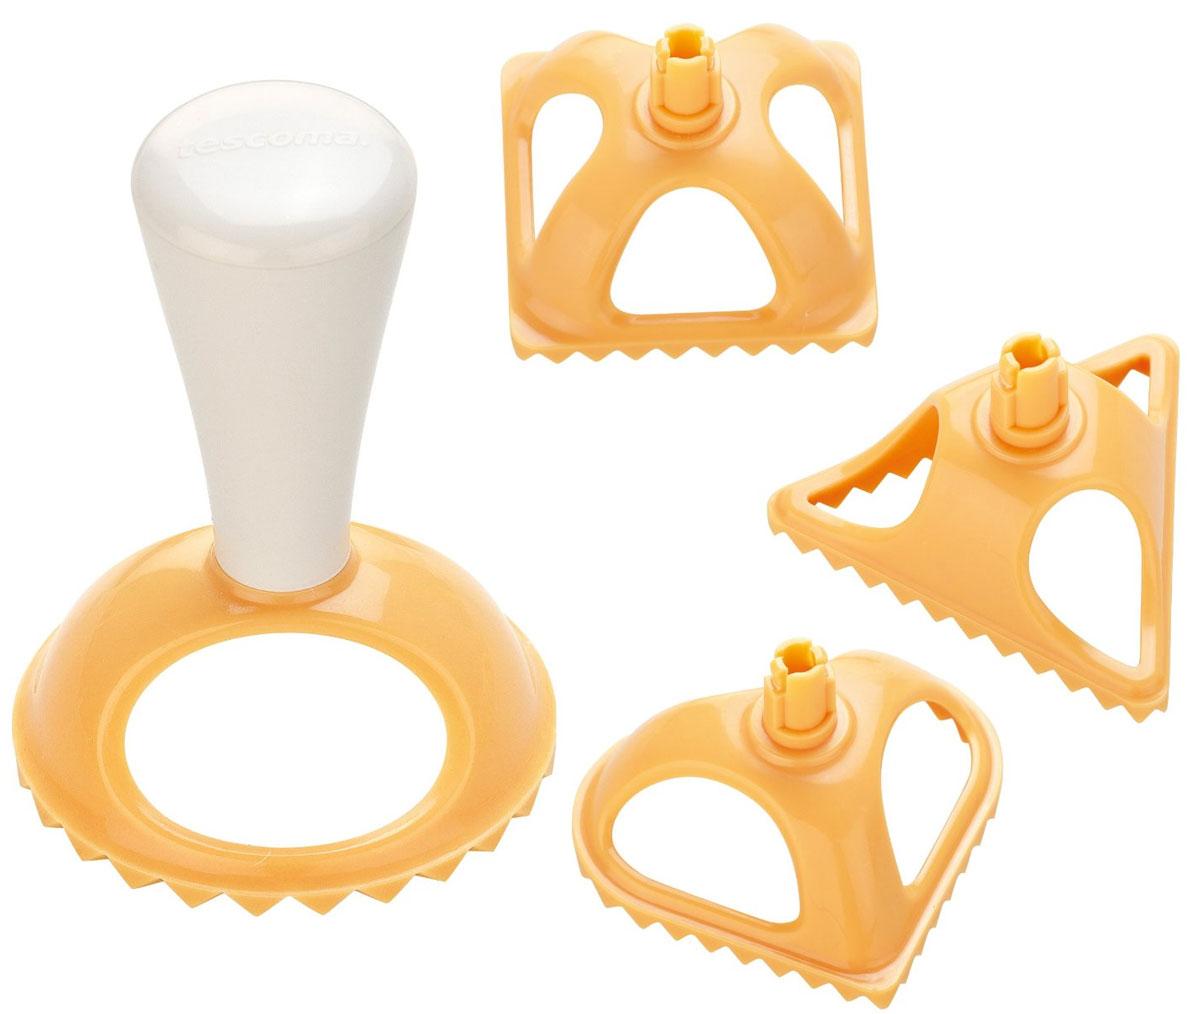 Формы для равиоли Tescoma Delicia, 5 предметов630049Формы Tescoma Delicia, изготовленные из высококачественного пластика, служат для приготовления итальянских пельменей (равиоли) в форме круга, квадрата, треугольника и сердца. Универсальная ручка для всех форм очень удобна в использовании. Можно мыть в посудомоечной машине.